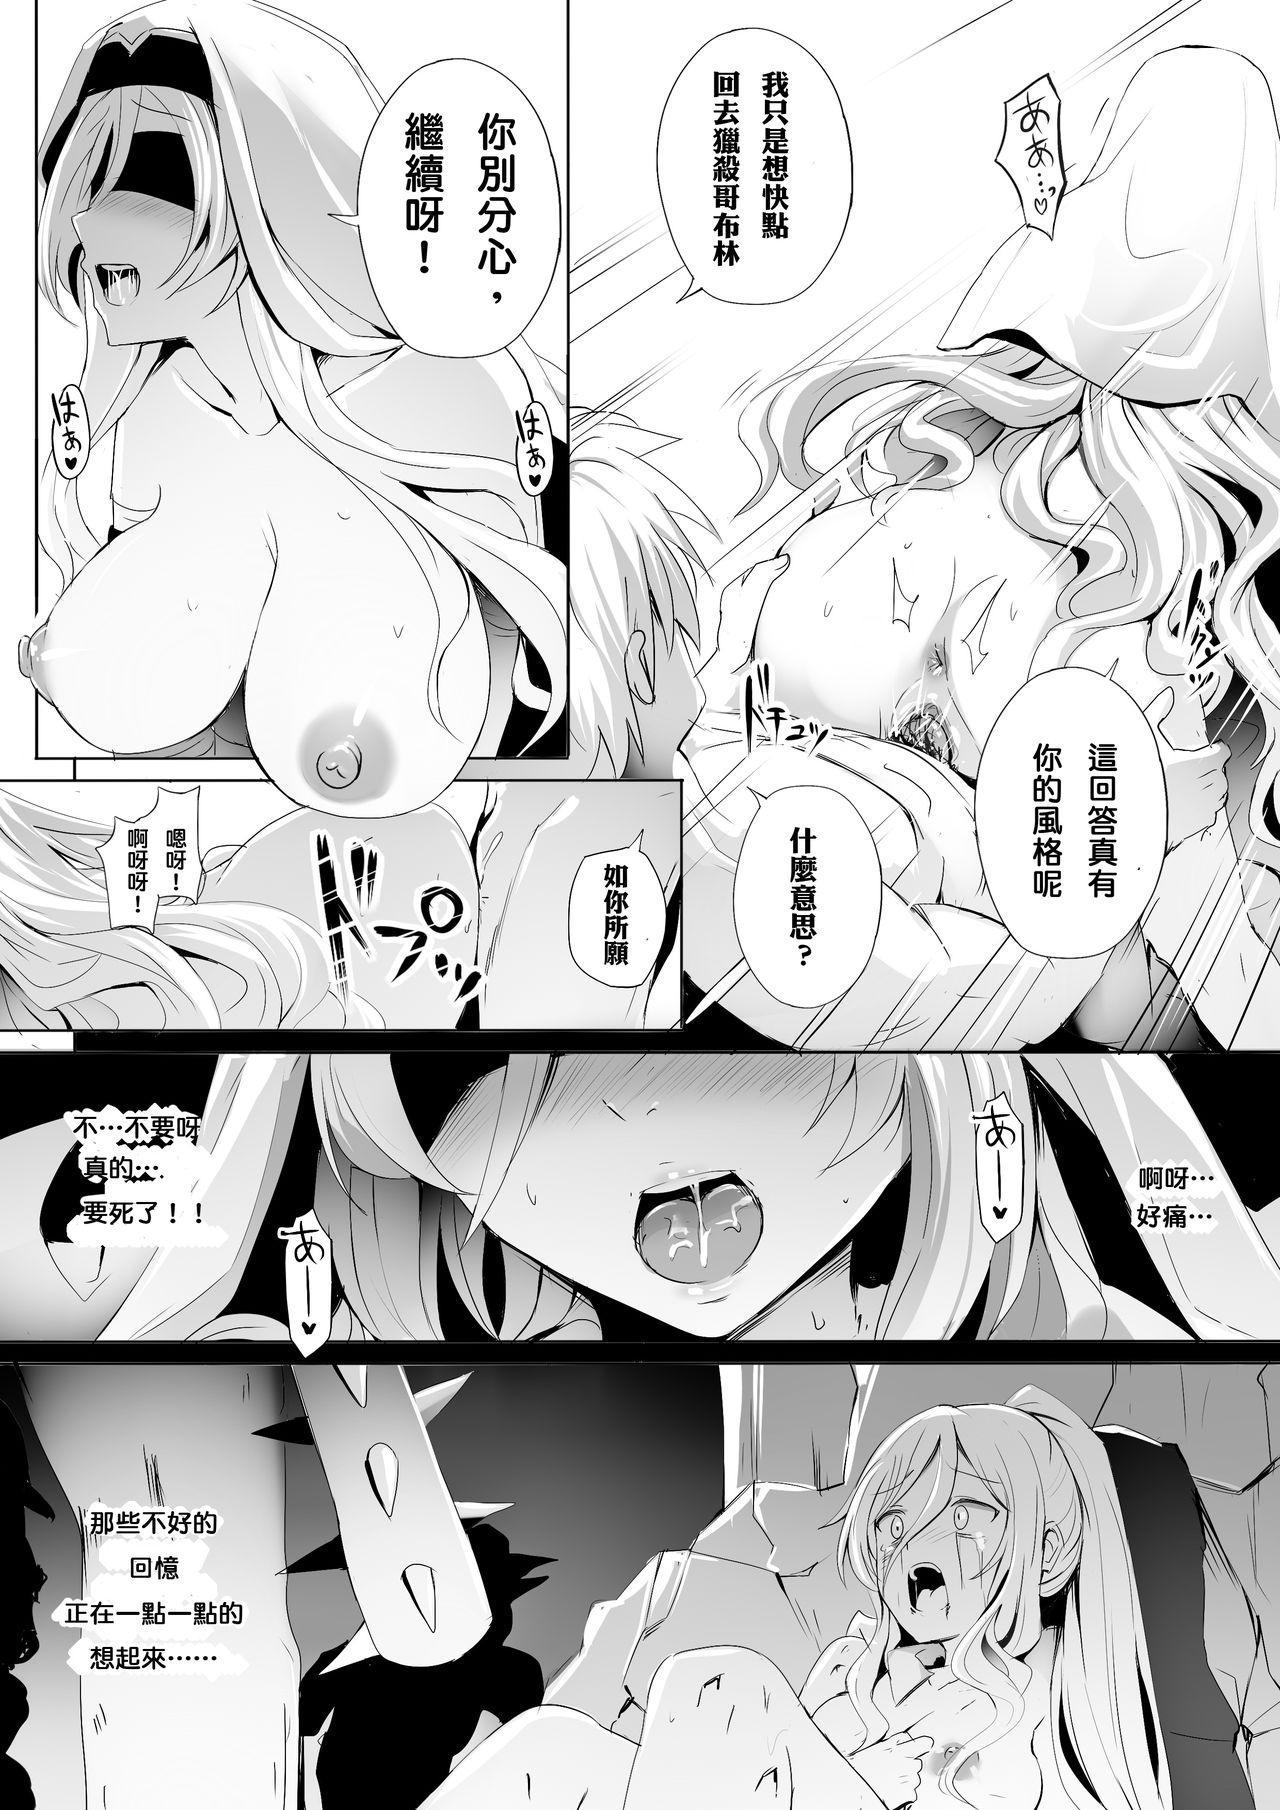 Sei no Daishikyou to Koware Yasui Otome 11